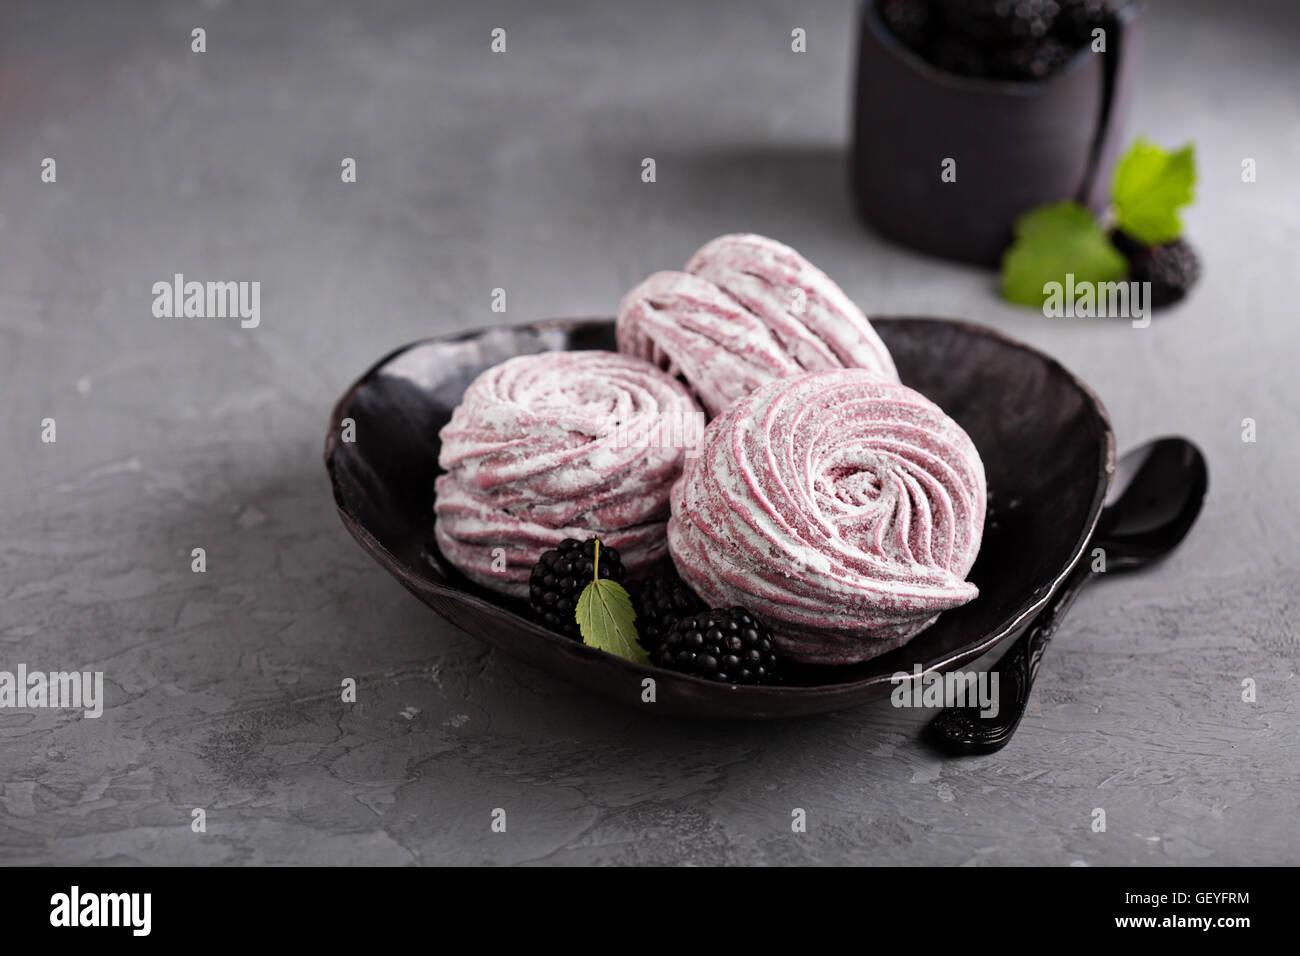 Hausgemachte Marshmallow-Dessert mit Beeren Stockbild